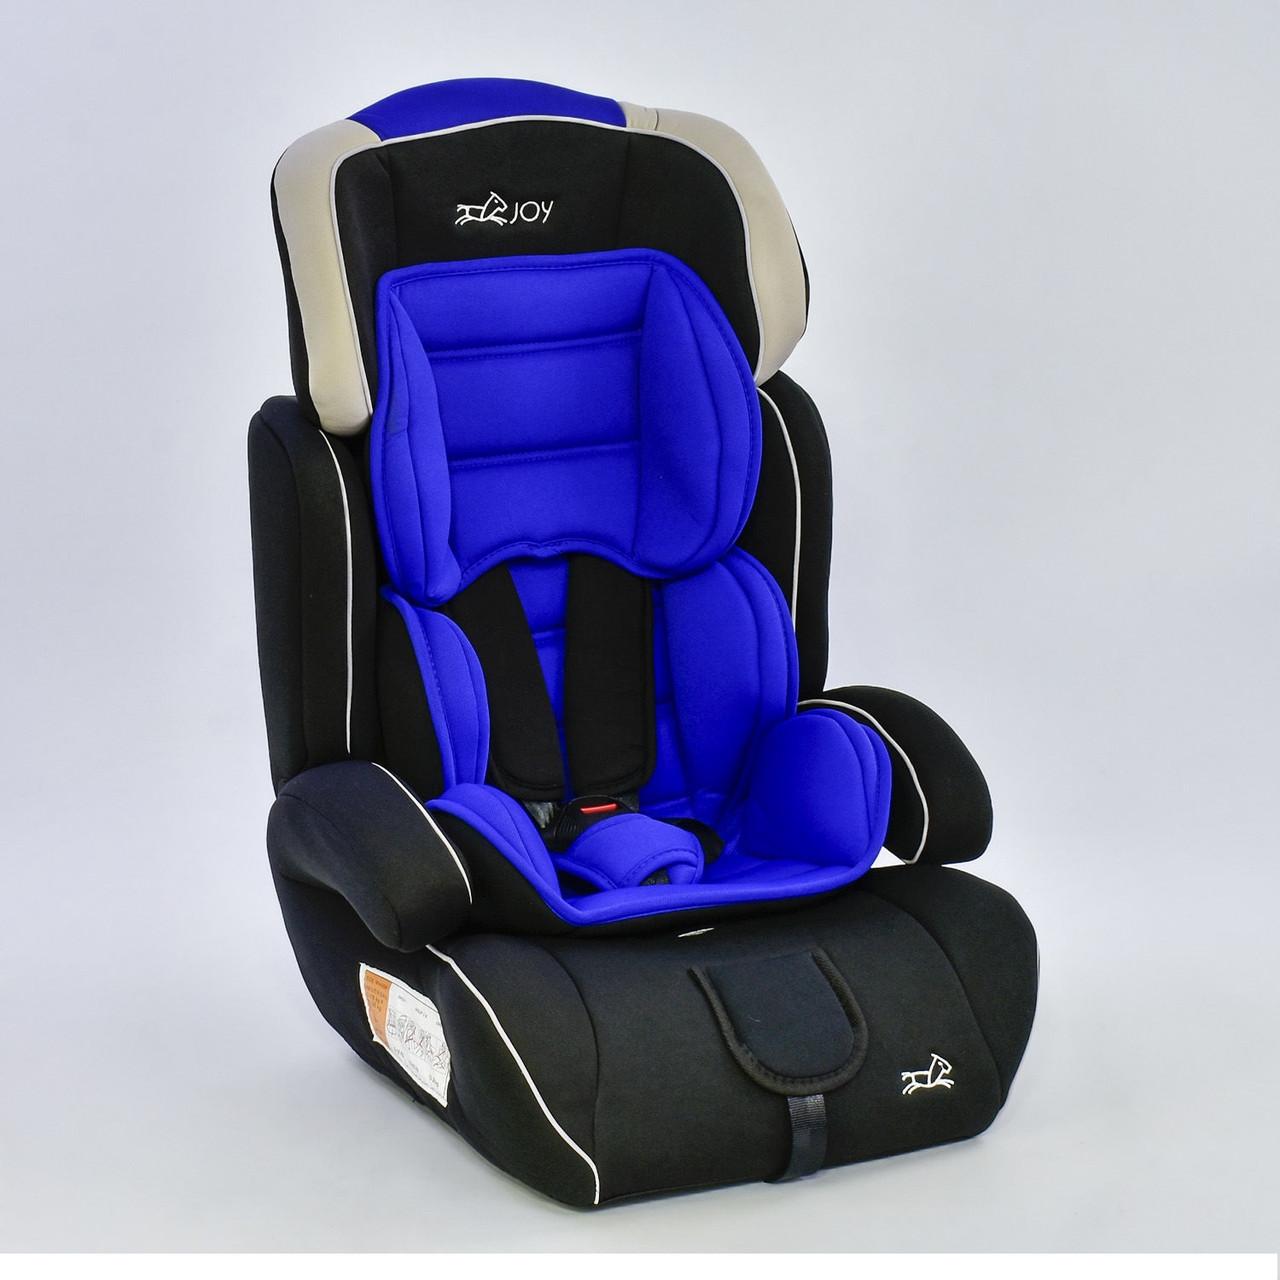 Автокресло Joy 8888 универсальное синее